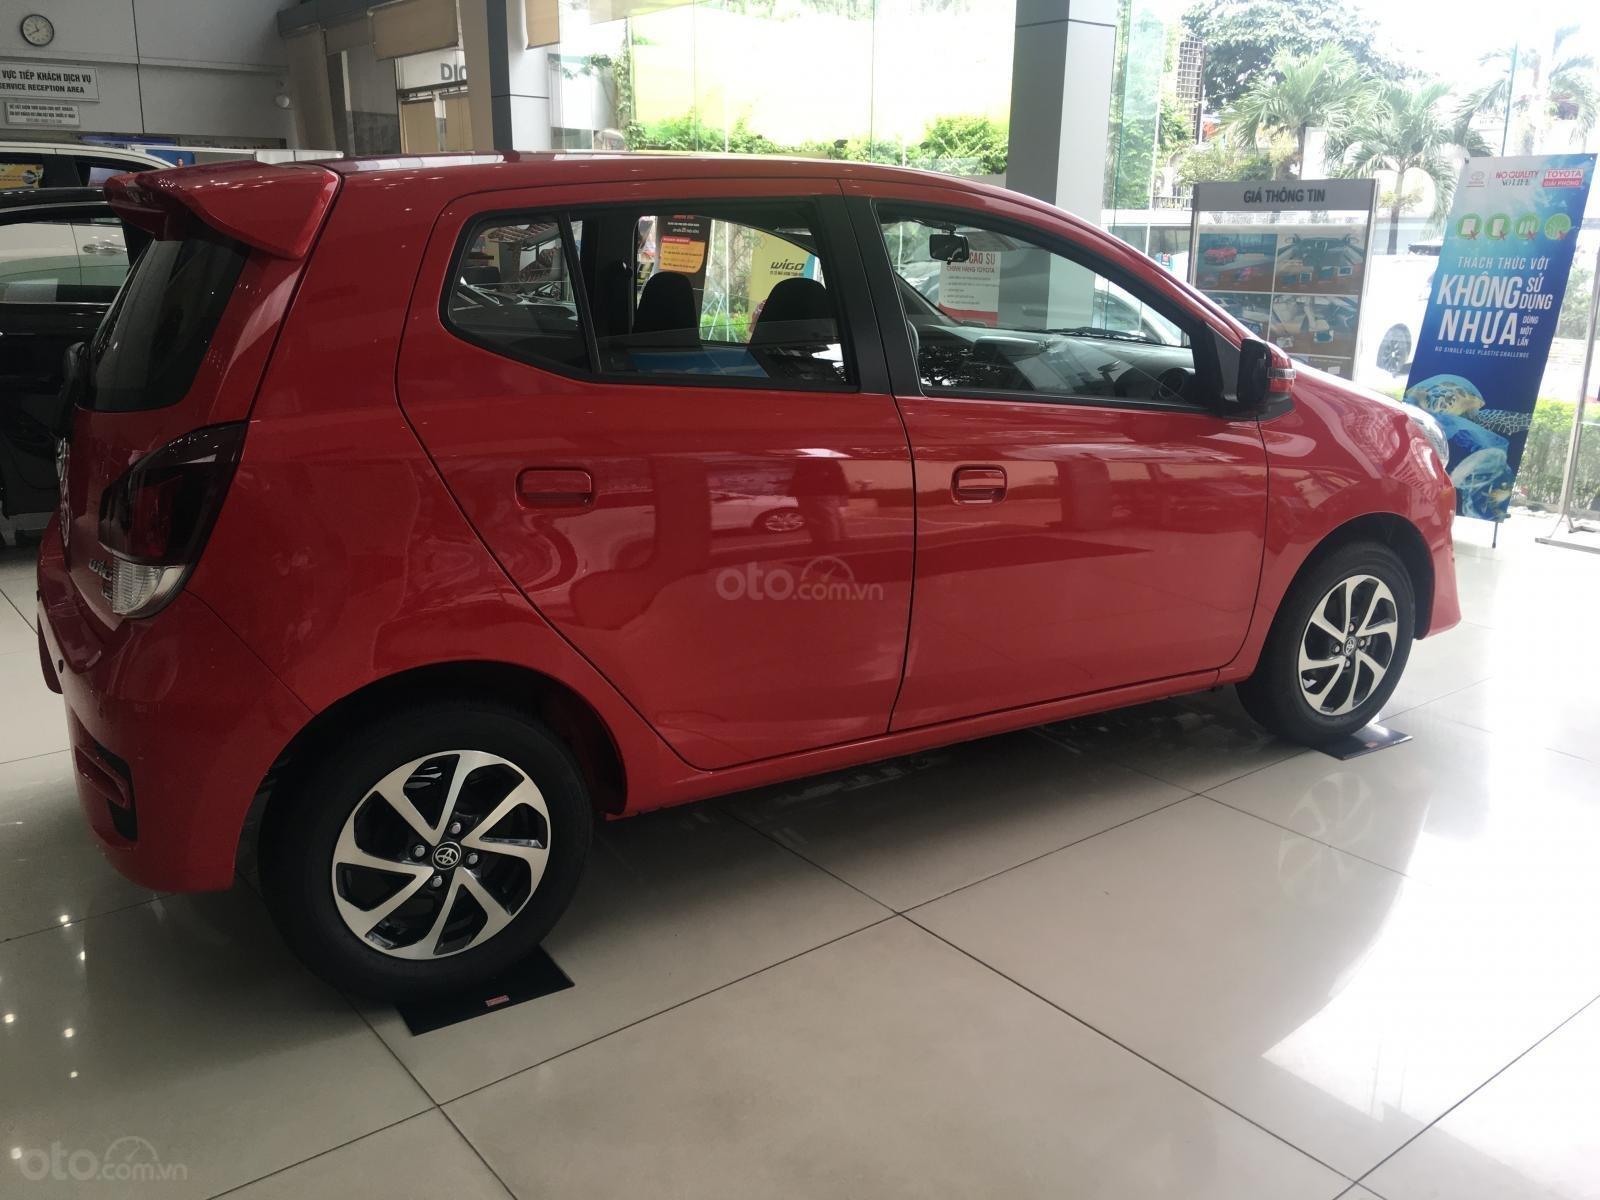 Bán Toyota Wigo 2019 nhập khẩu, sẵn màu giao ngay, giảm giá, tặng phụ kiện, LH 0973.160.519 (3)